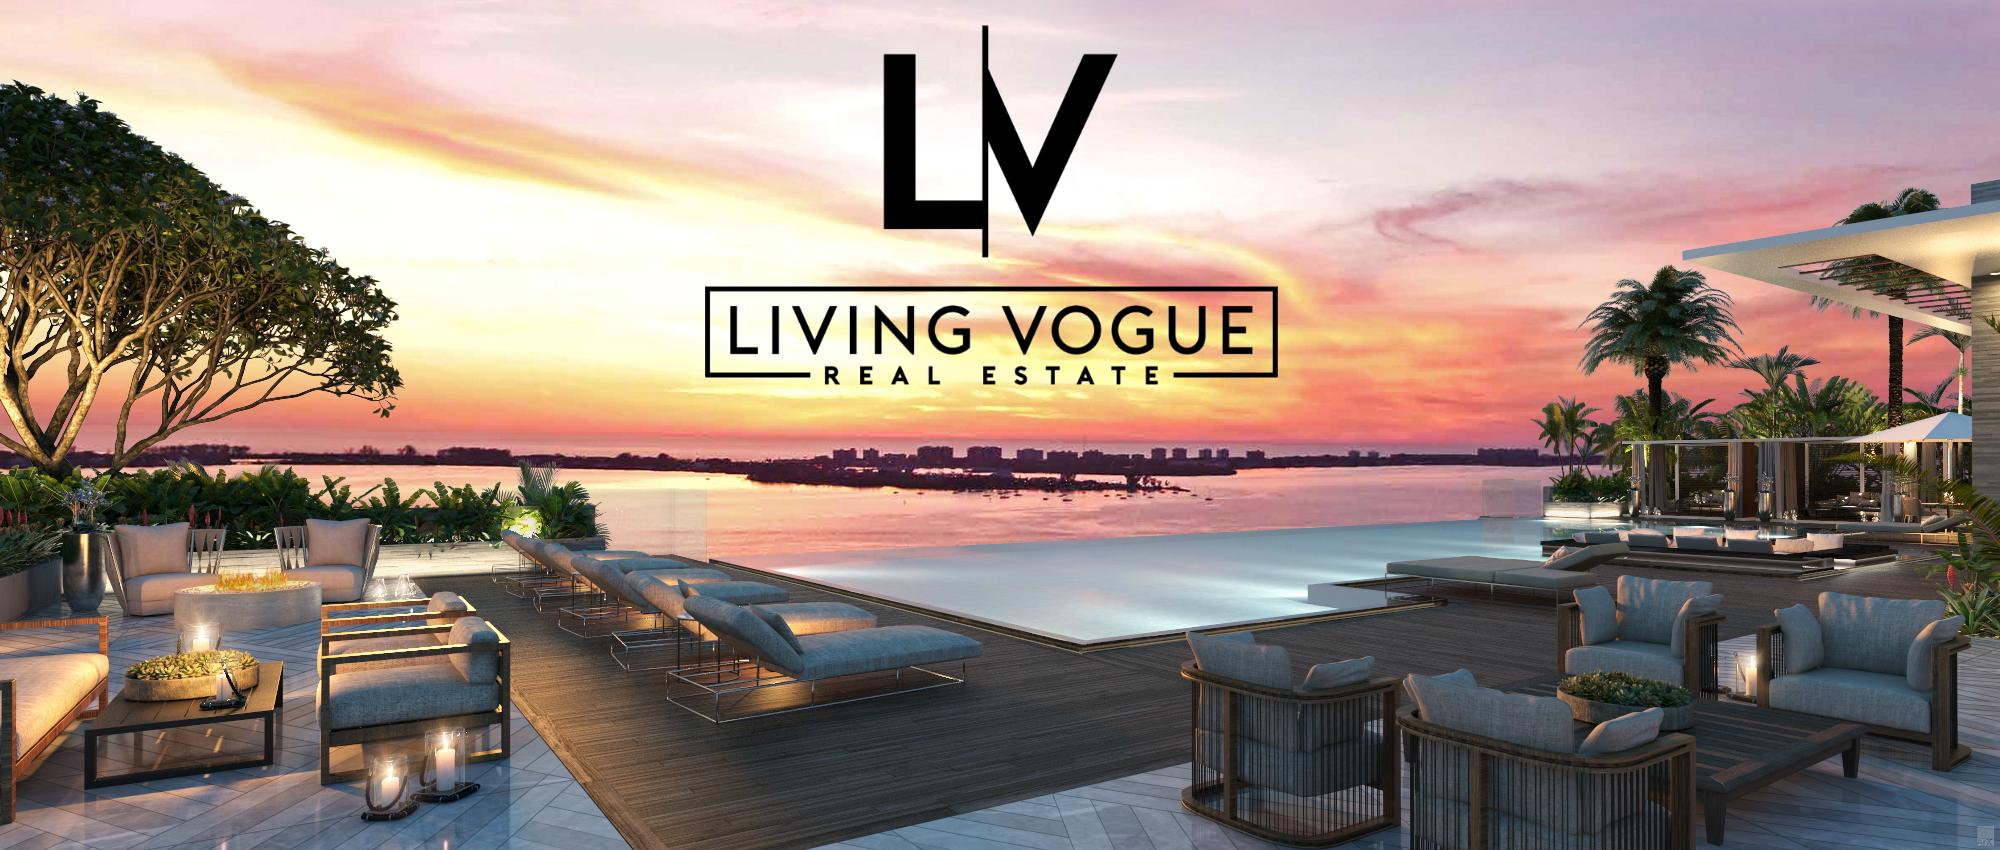 Living Vogue Real Estate image 1